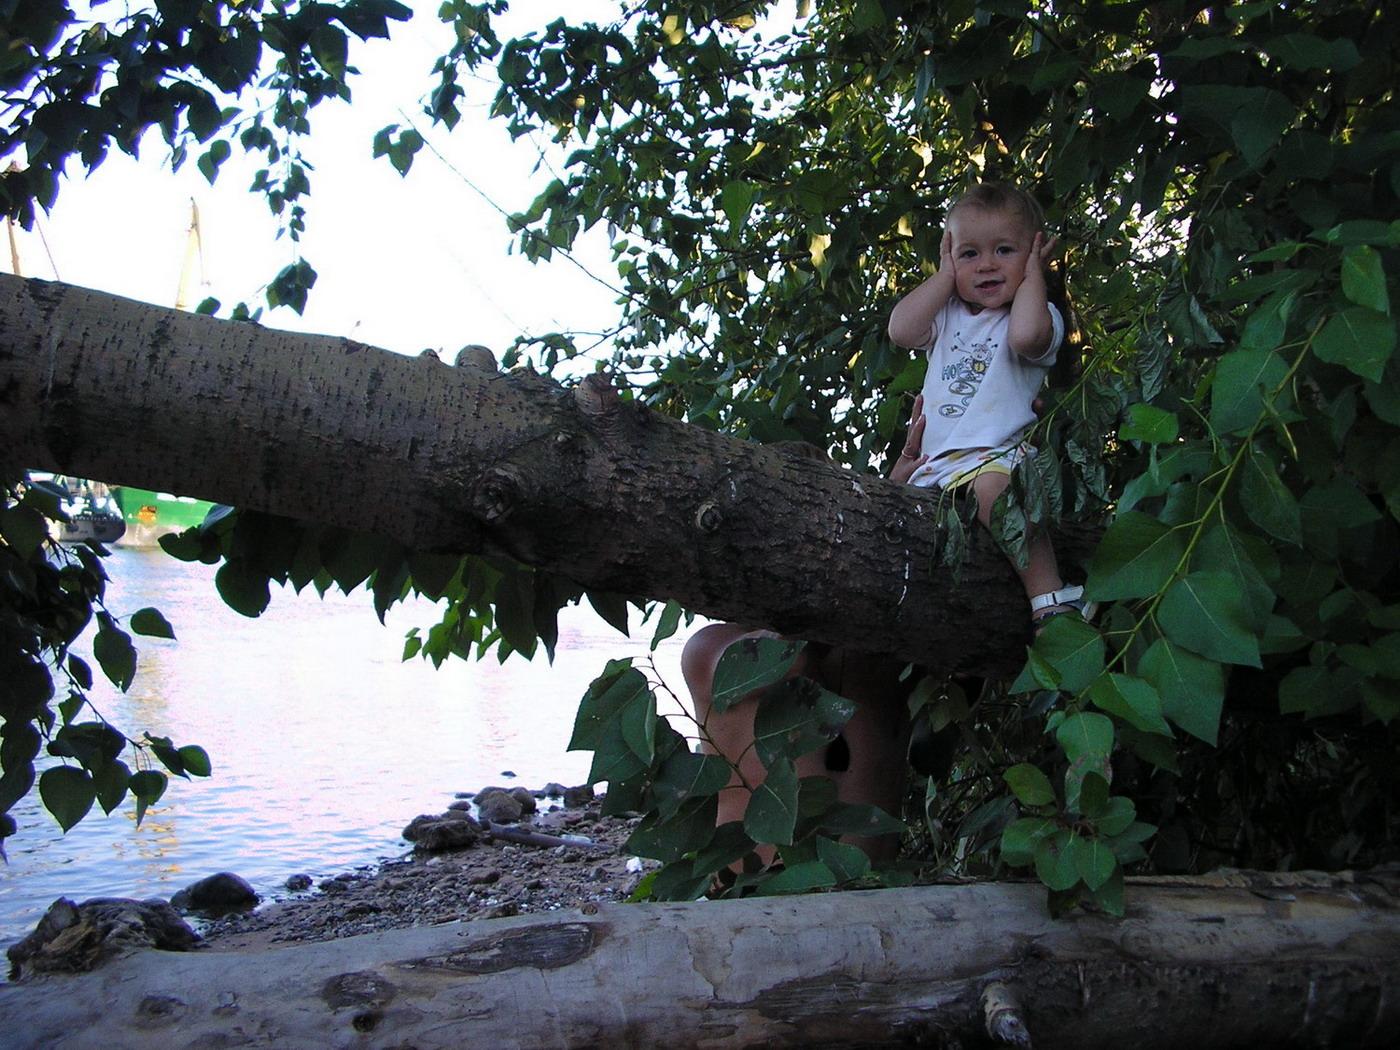 Тарзан не расчитал свои силы.. Закрытое голосование фотоконкурса 'Маленький Тарзан'